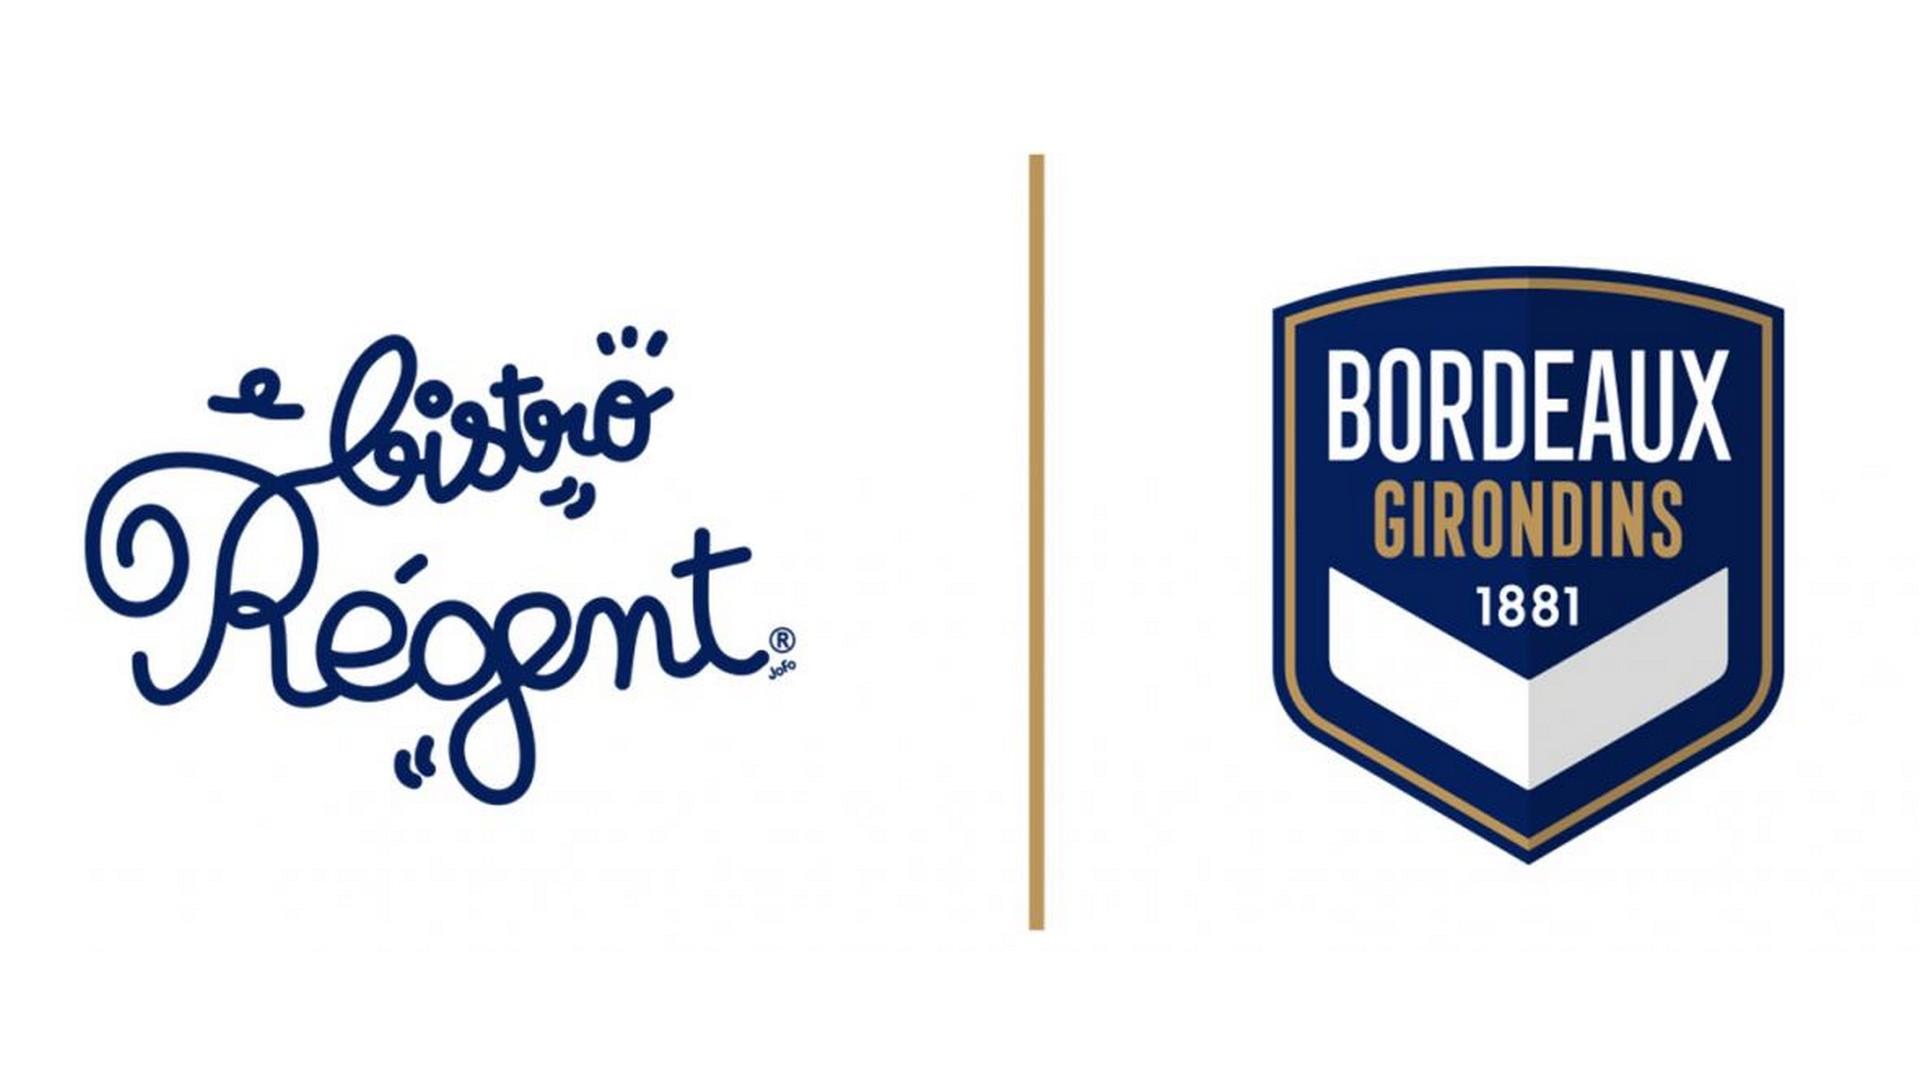 Bistro Regent x Girondins Bordeaux (football) 2021